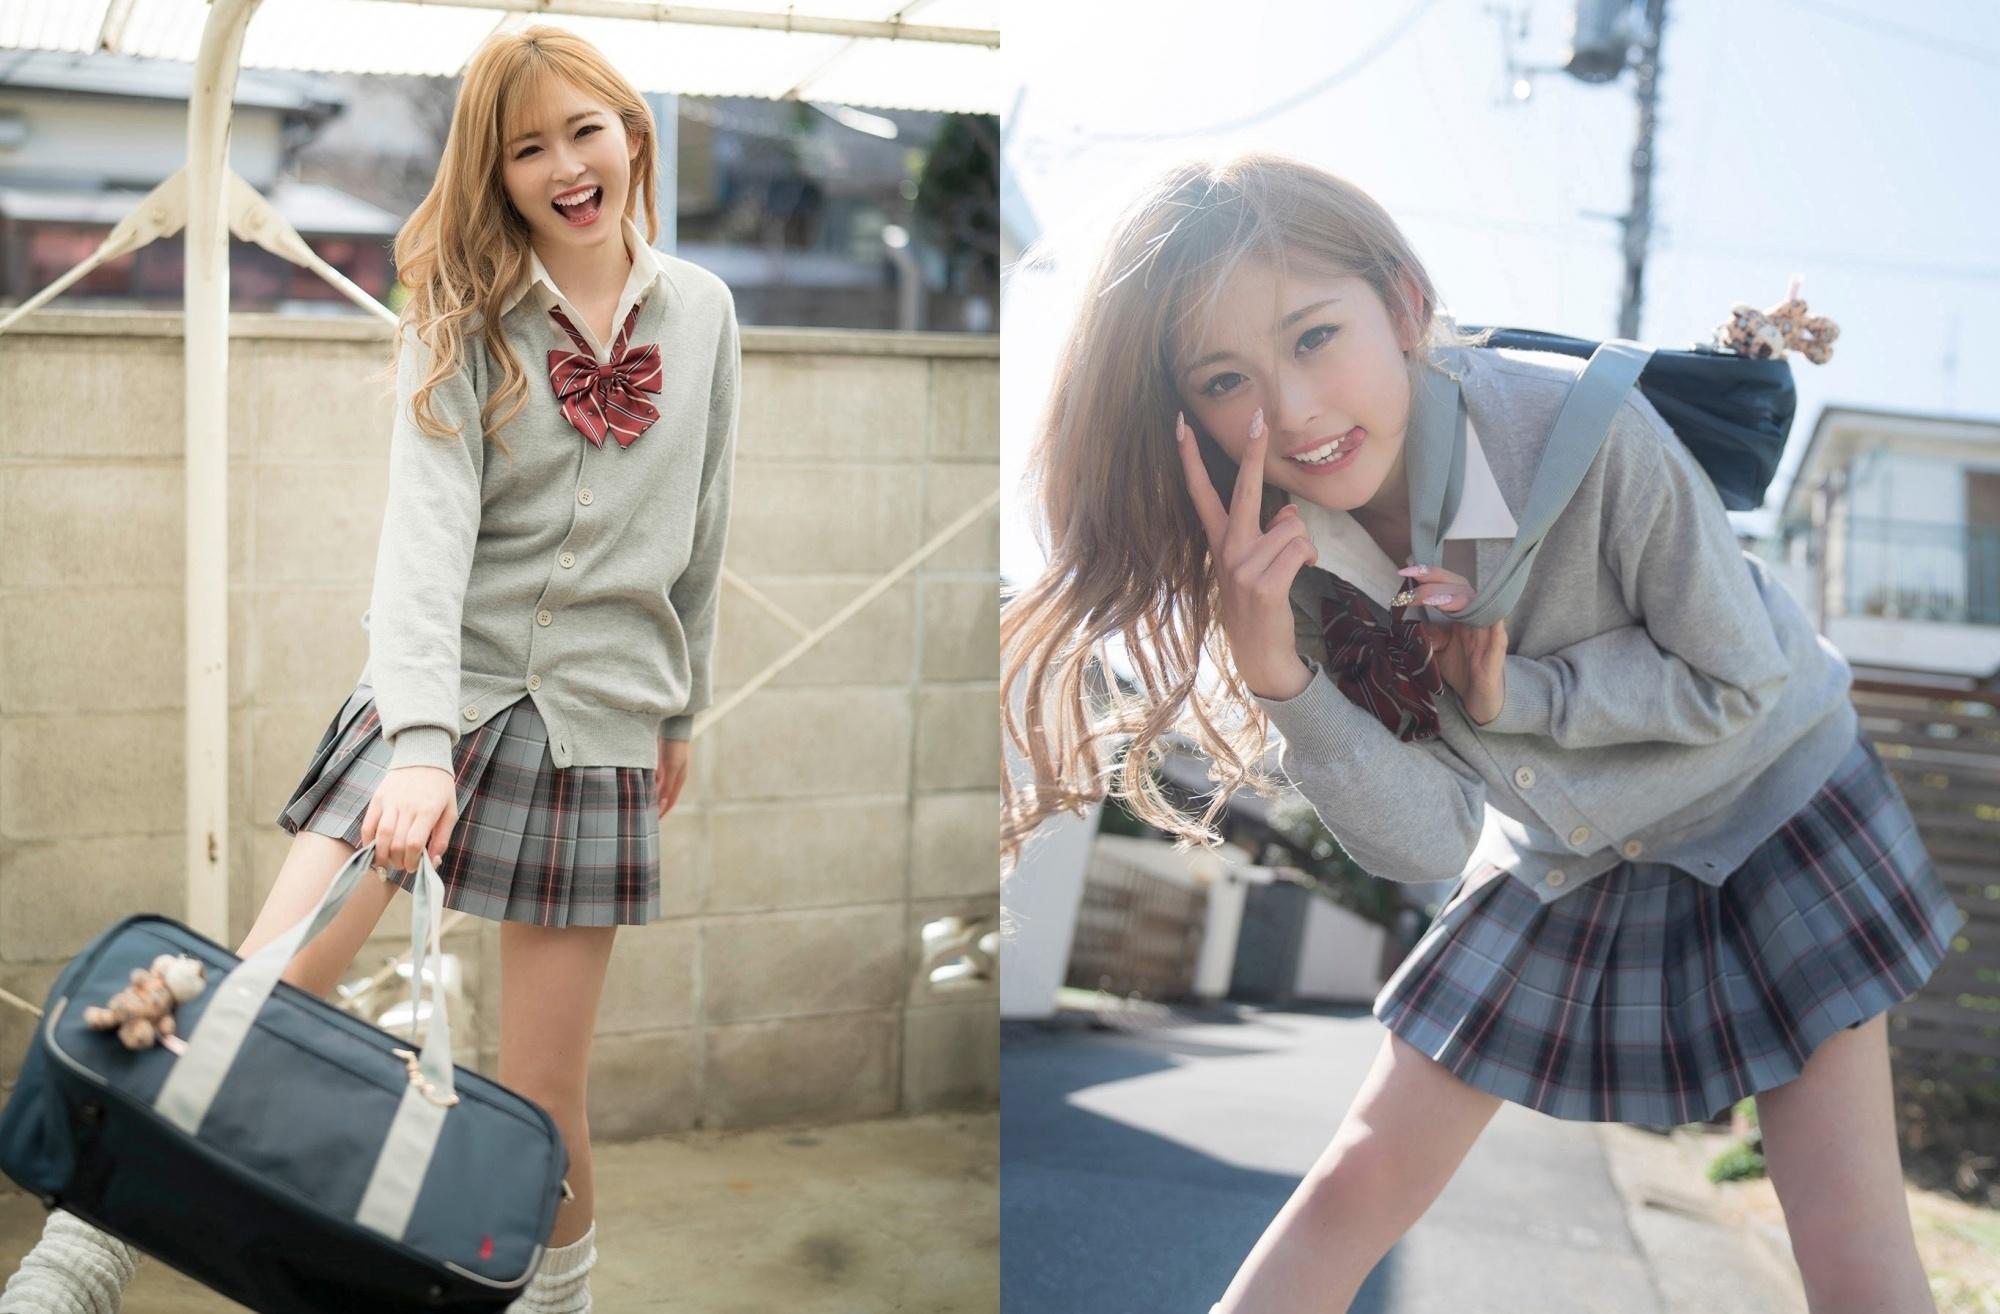 女高中生「古川优奈」全身散发满满青春活力,各种甜萌自拍一个也没少